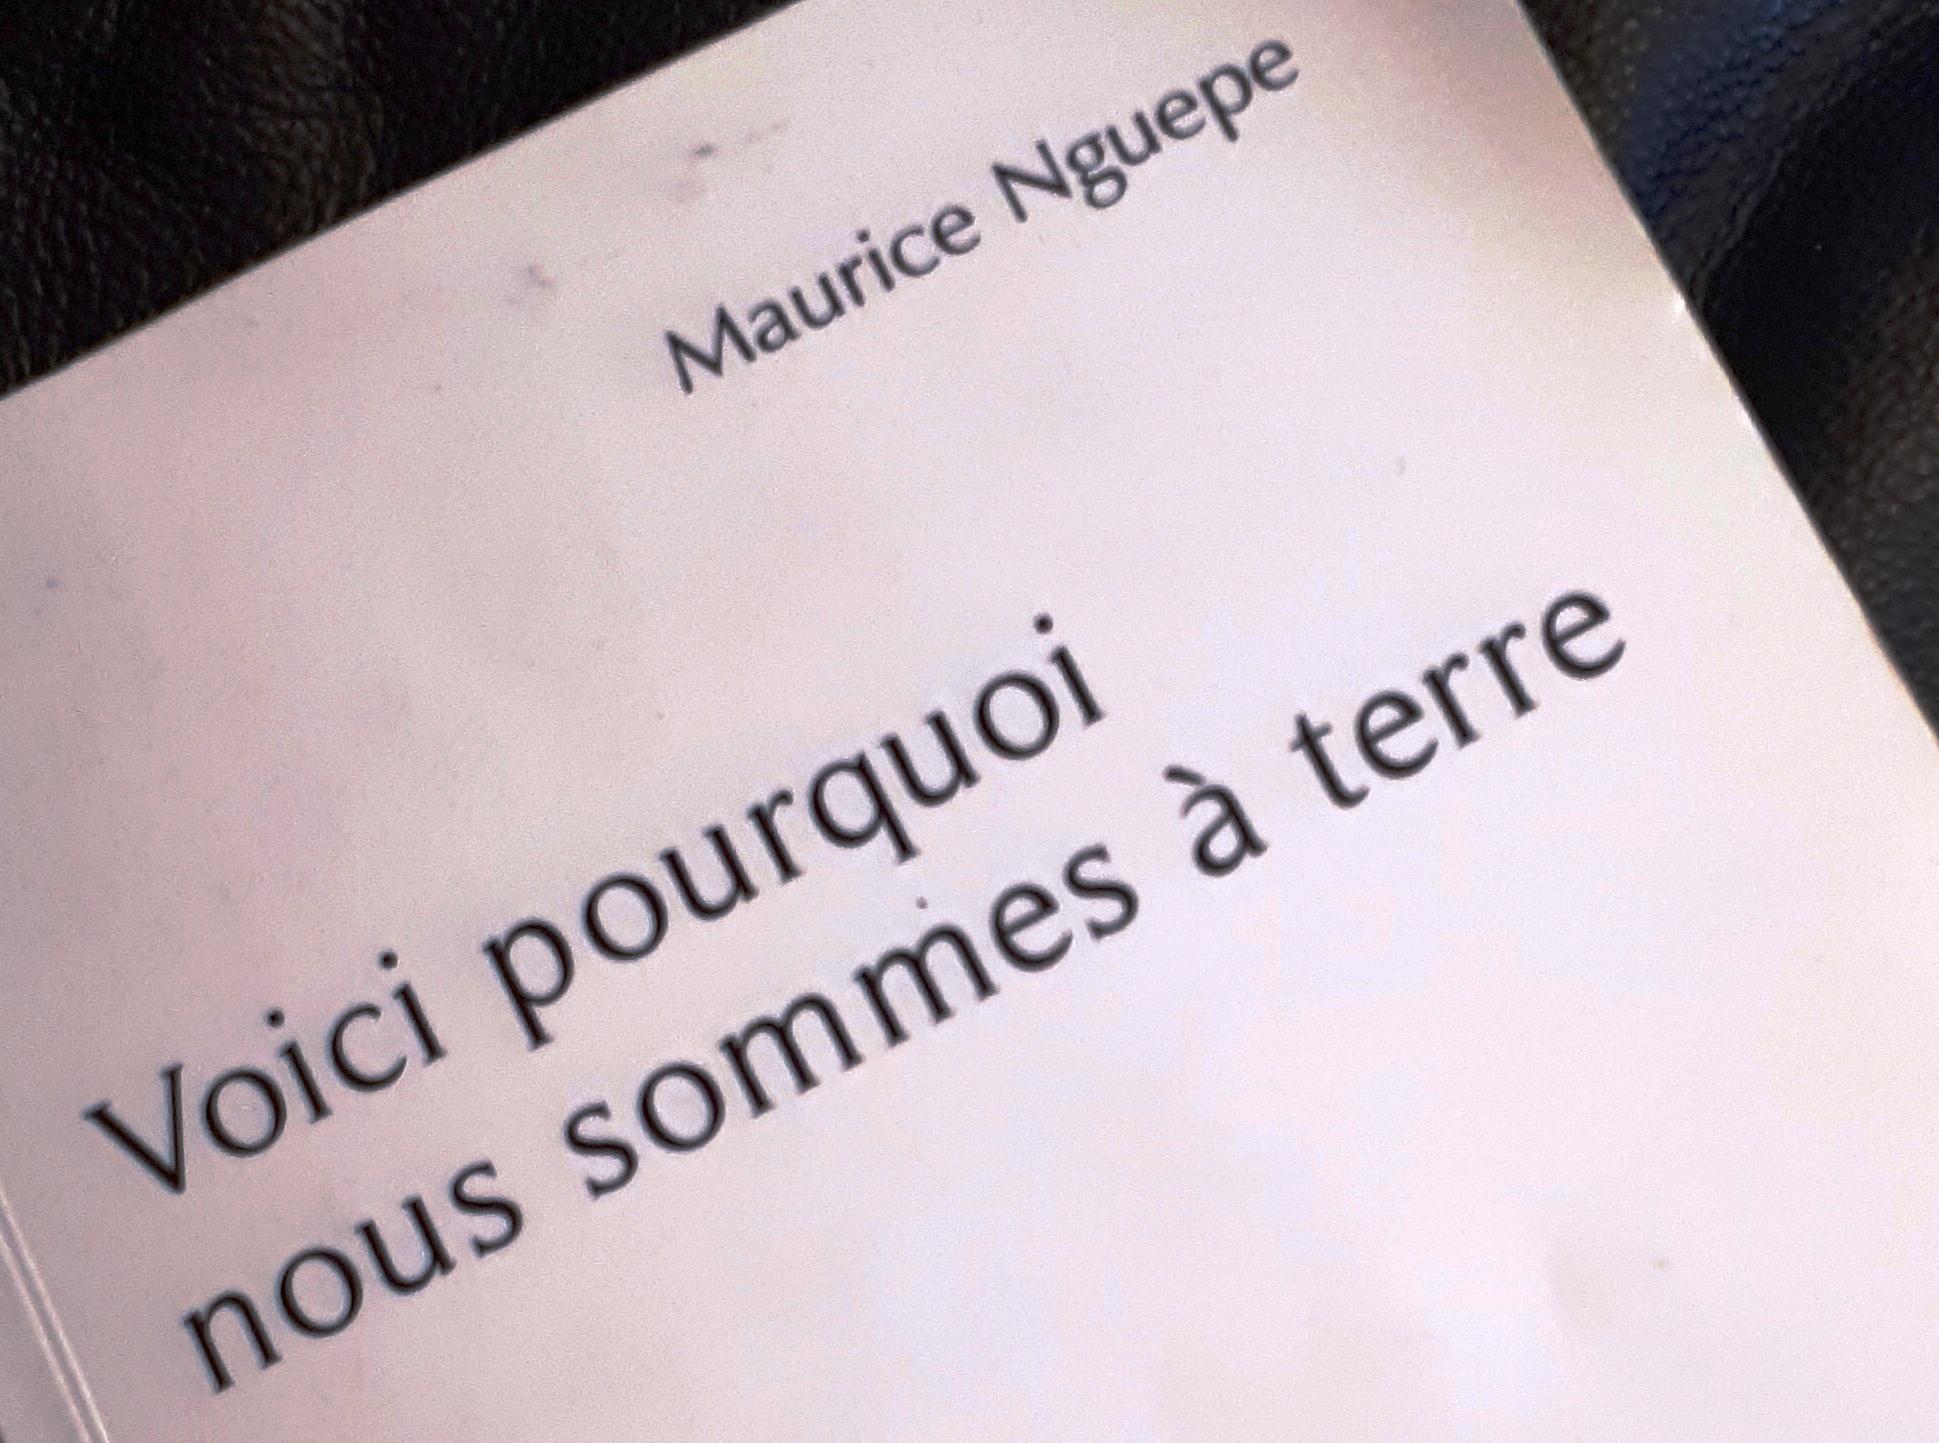 LITTÉRATURE/Dr Maurice NGUEPE:» VOICI POURQUOI NOUS SOMMES à TERRE»